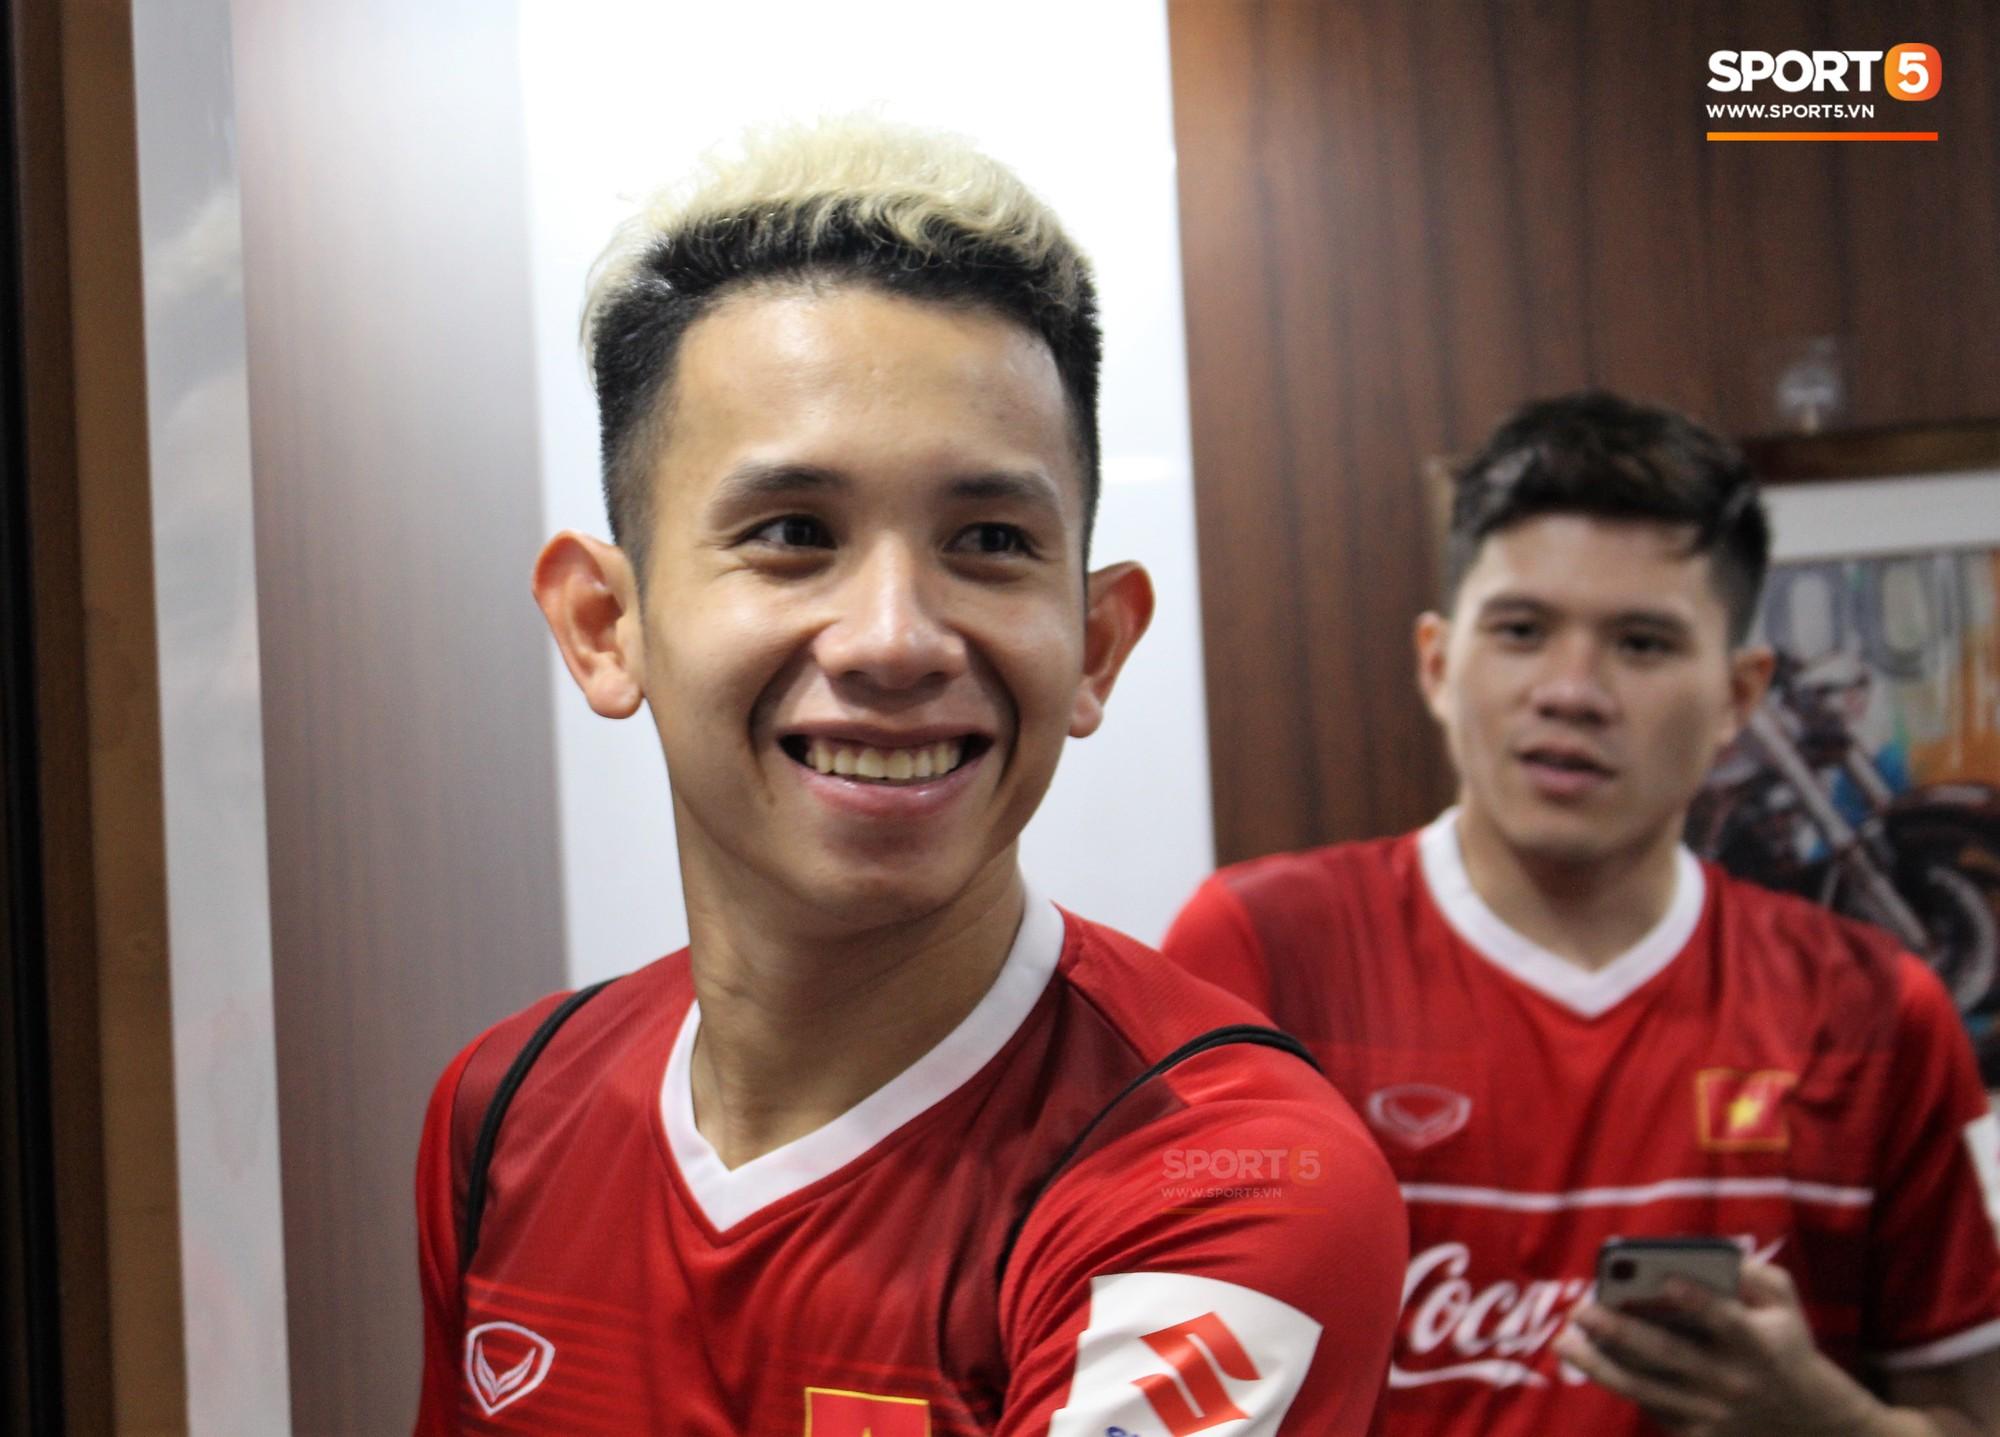 Hà Đức Chinh kêu trời vì đau bụng sau buổi tập đầu tiên cùng đội tuyển Việt Nam chuẩn bị cho AFF Cup 2018 - Ảnh 5.